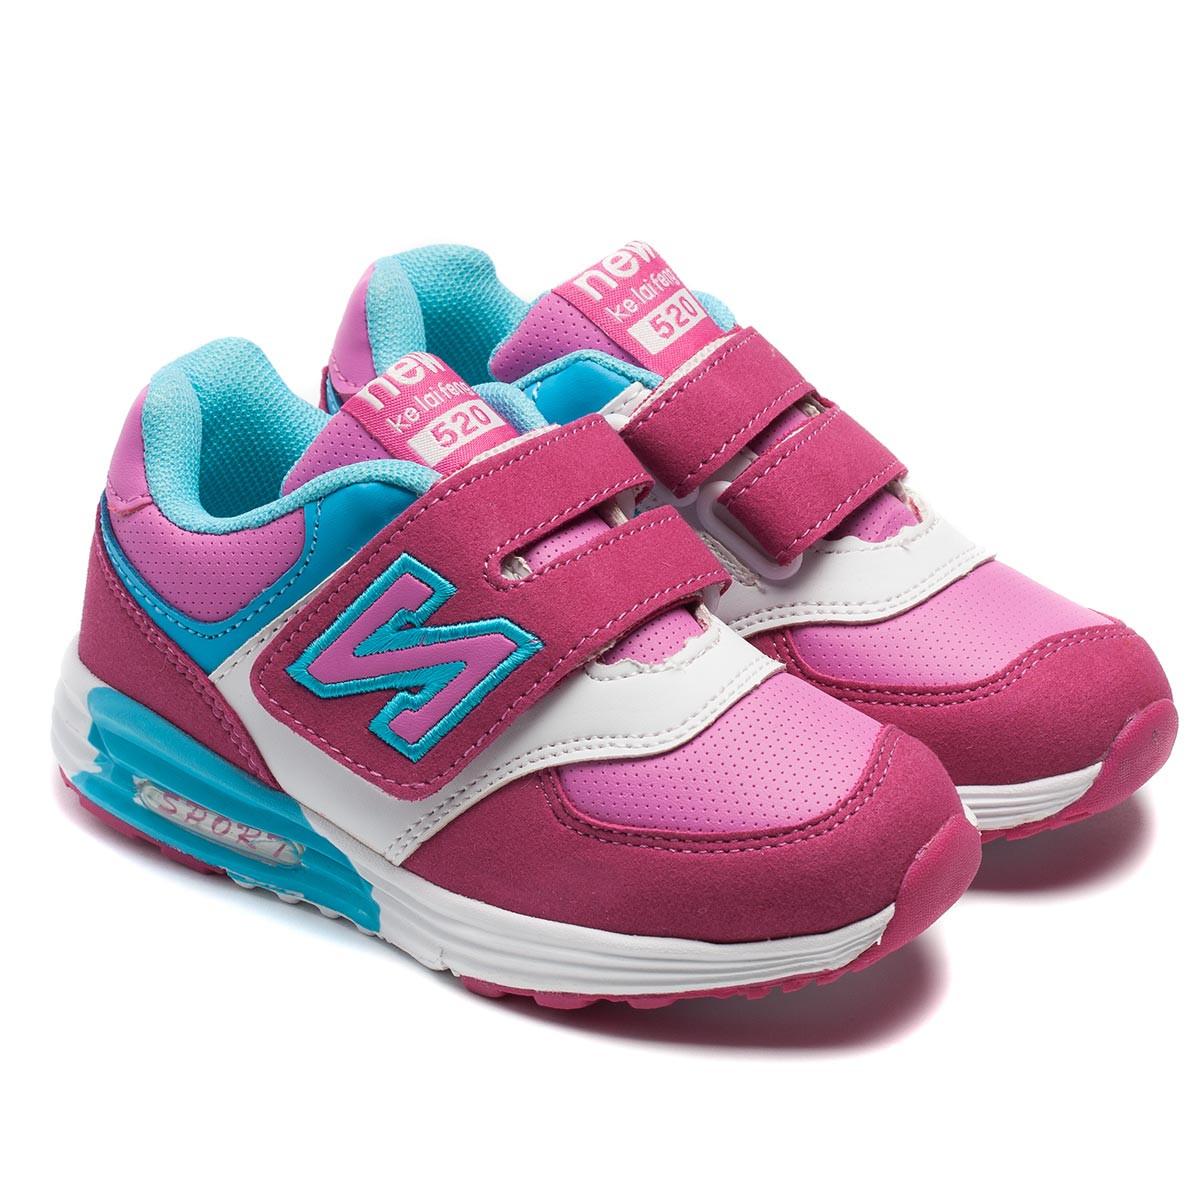 7a0bd731 Детские кроссовки на девочку, демисезонные, на девочку, ТМ Солнце ...